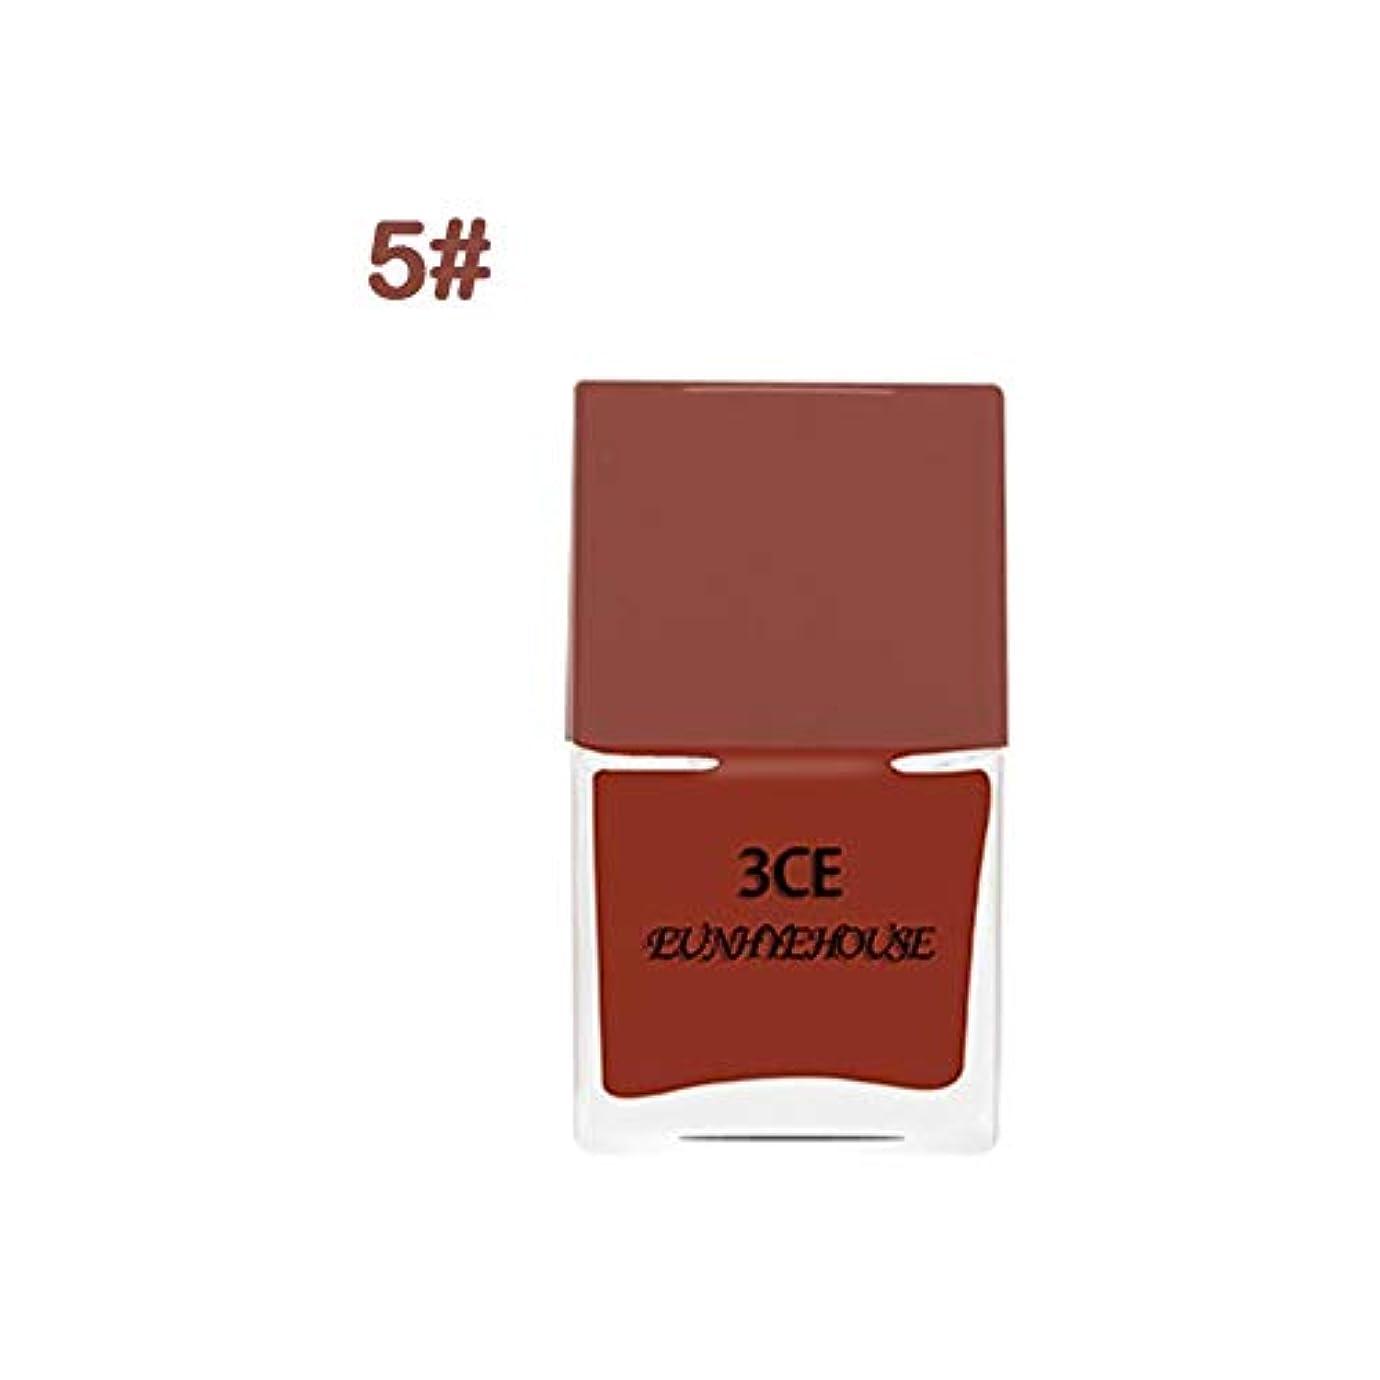 金銭的症状スピーカー高品質 8色選べる ネイルポリッシュ ネイルカラー レッド パンプキンカラー 秋色 ネイルデコレーション ネイルジェル マニキュア 人気ネイル用品 junexi